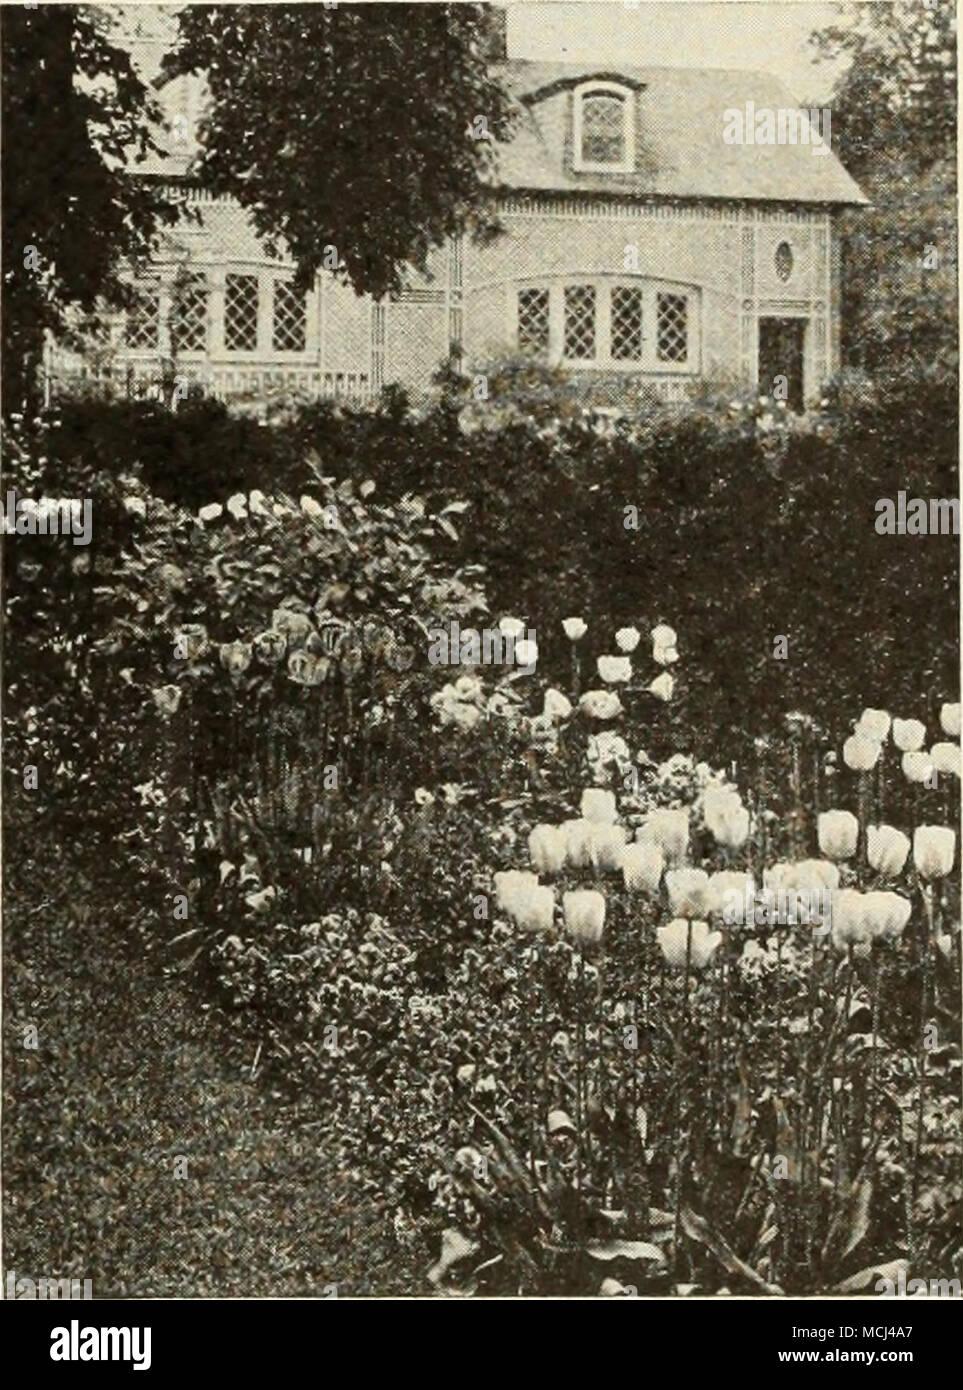 . Darwin Tulpen bringen reiche und brillante Farben in Ihre kann Grenzen May-Time Mischung aus Tulpen eine unvergleichliche Mischung in ein Spektrum an Farben für den Reichtum der Farbe dieses Gemisch übertrifft alles, was Sie sonst noch angeboten, da sie bis zum genannten Sorten von Darwin, Cottage Garten gemacht, und Züchter Tuhps, dass Farbe mehr ist als in Mischungen der einzelnen Klassen, die aufgenommen werden können. Wie alle Diese sind Mai - Blüte und ähnlich in der Gewohnheit, Statur und Größe der Blüte der Effekt mit ihnen erreicht werden wirklich hervorragend ist. 3 Für 25 c; 12 für 80 C; 100 für 5 $. Stockfoto